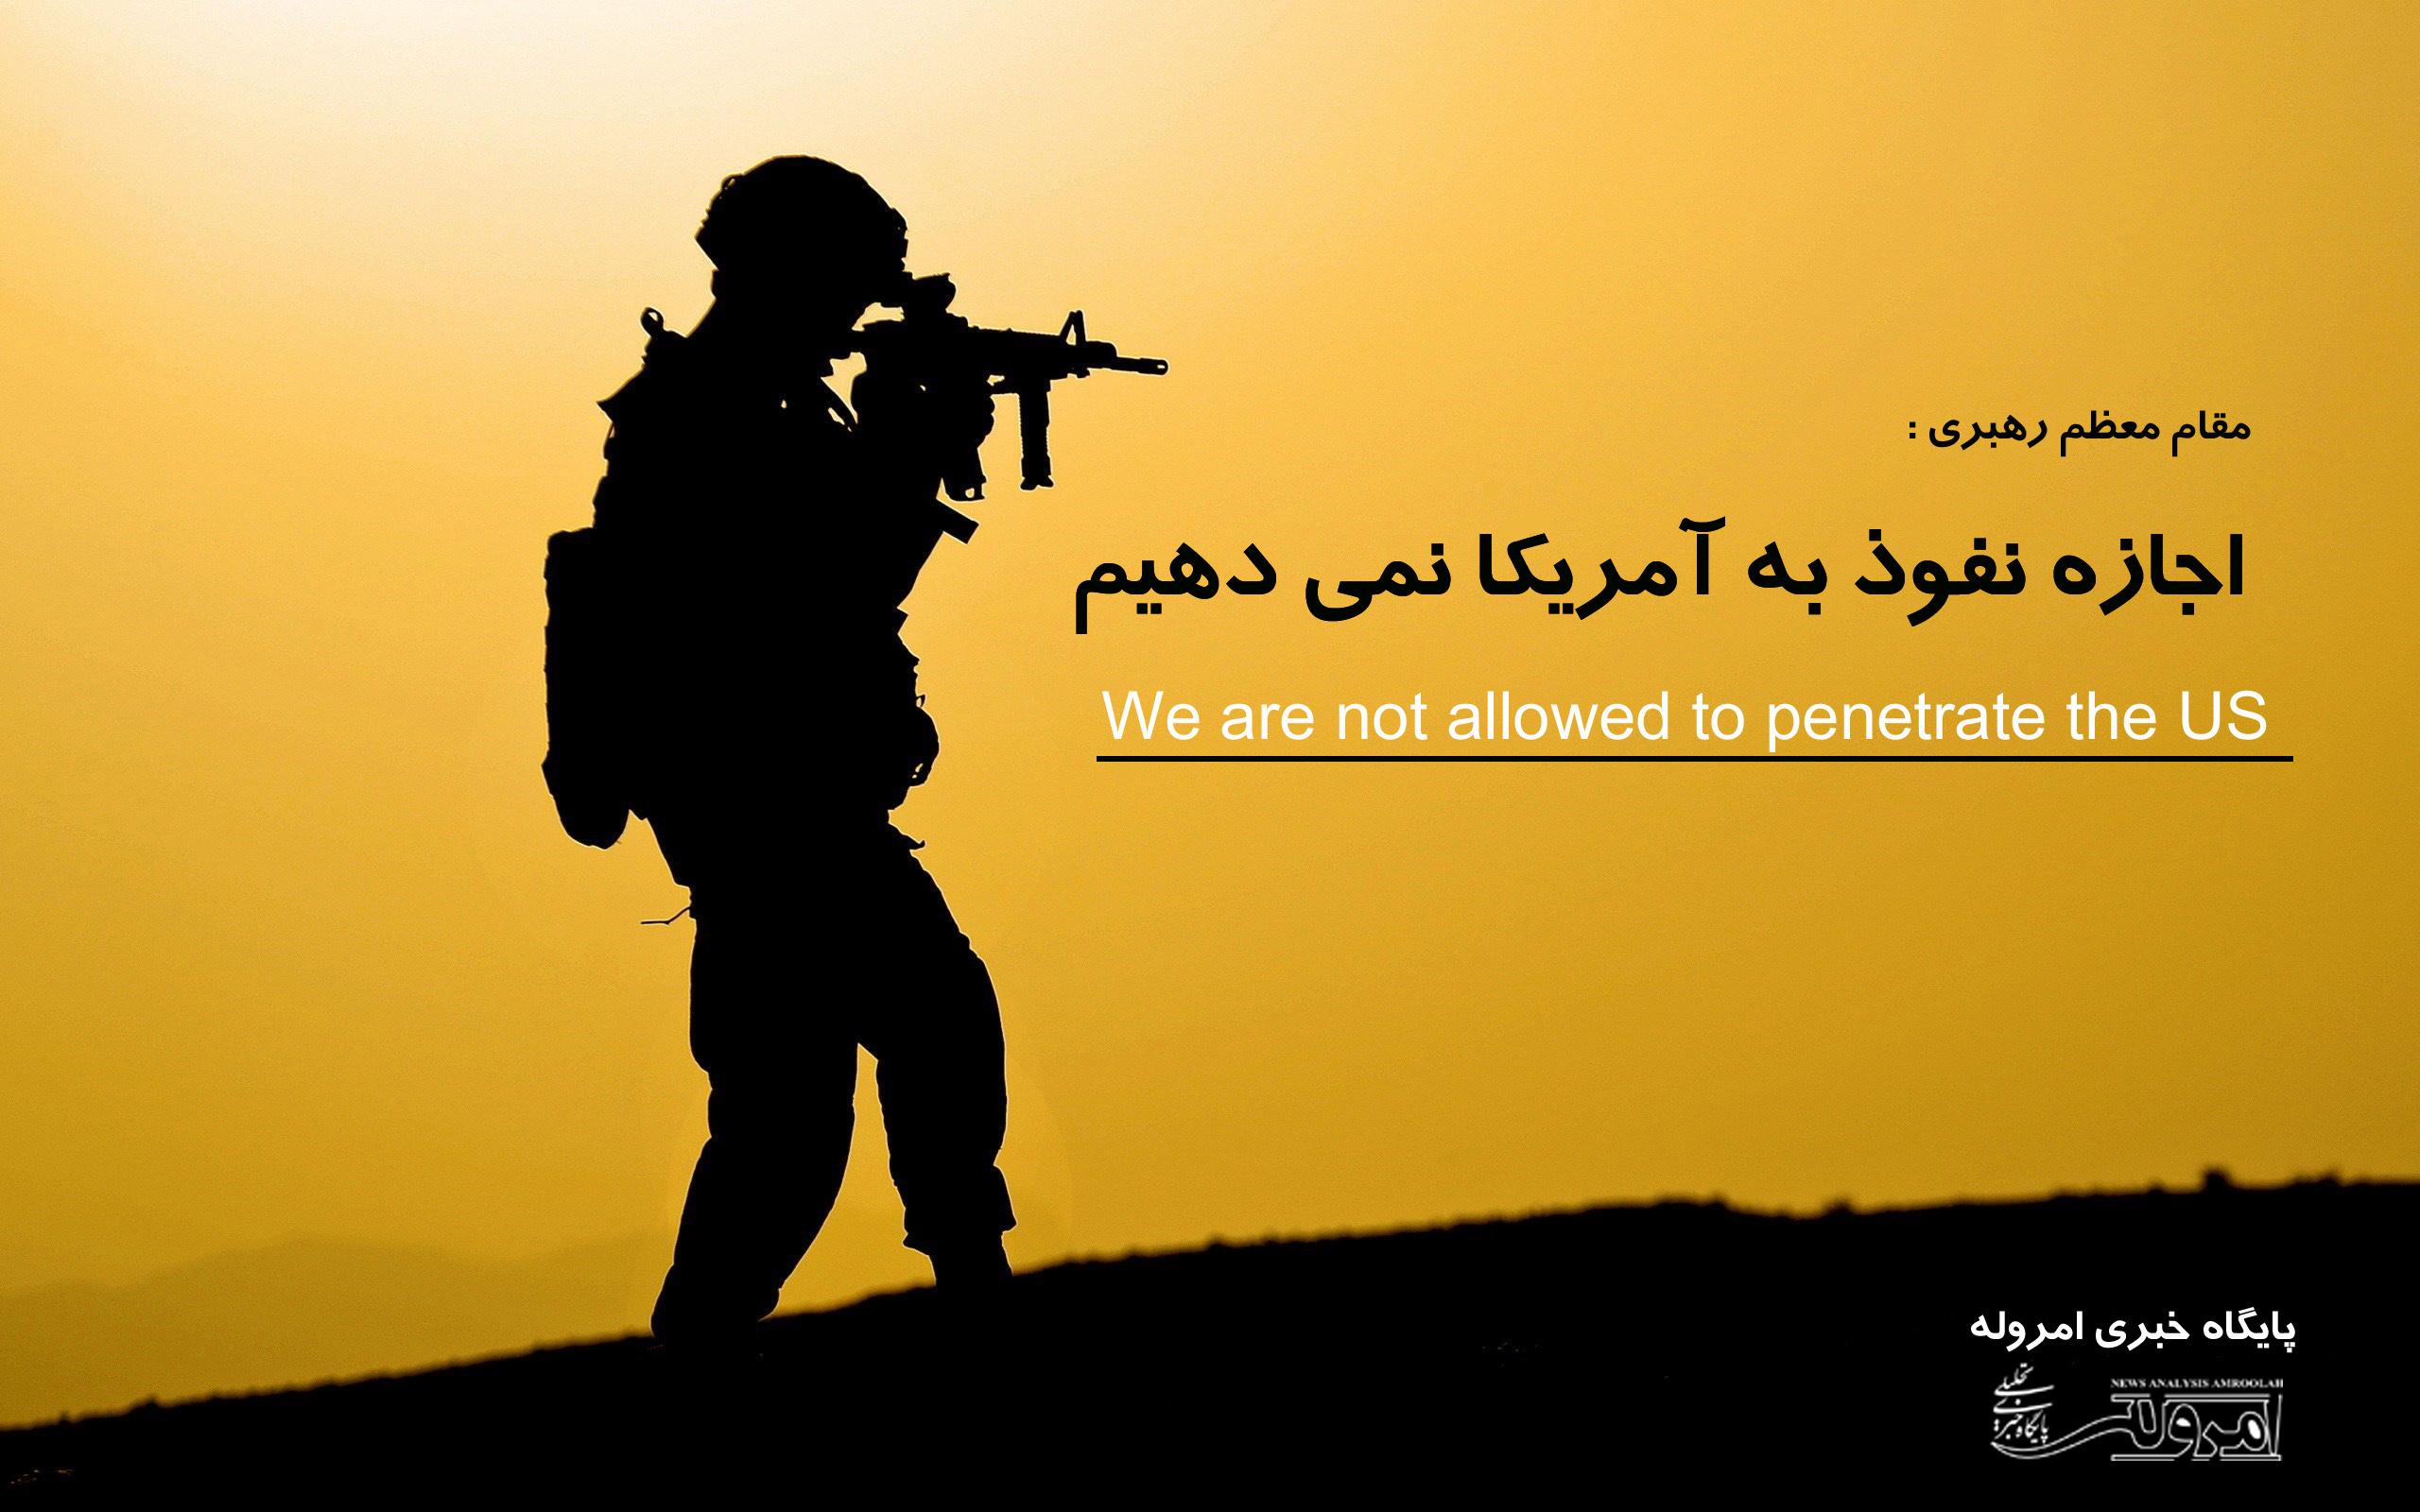 اجازه نفوذ به خاک ایران را نمیدهیم